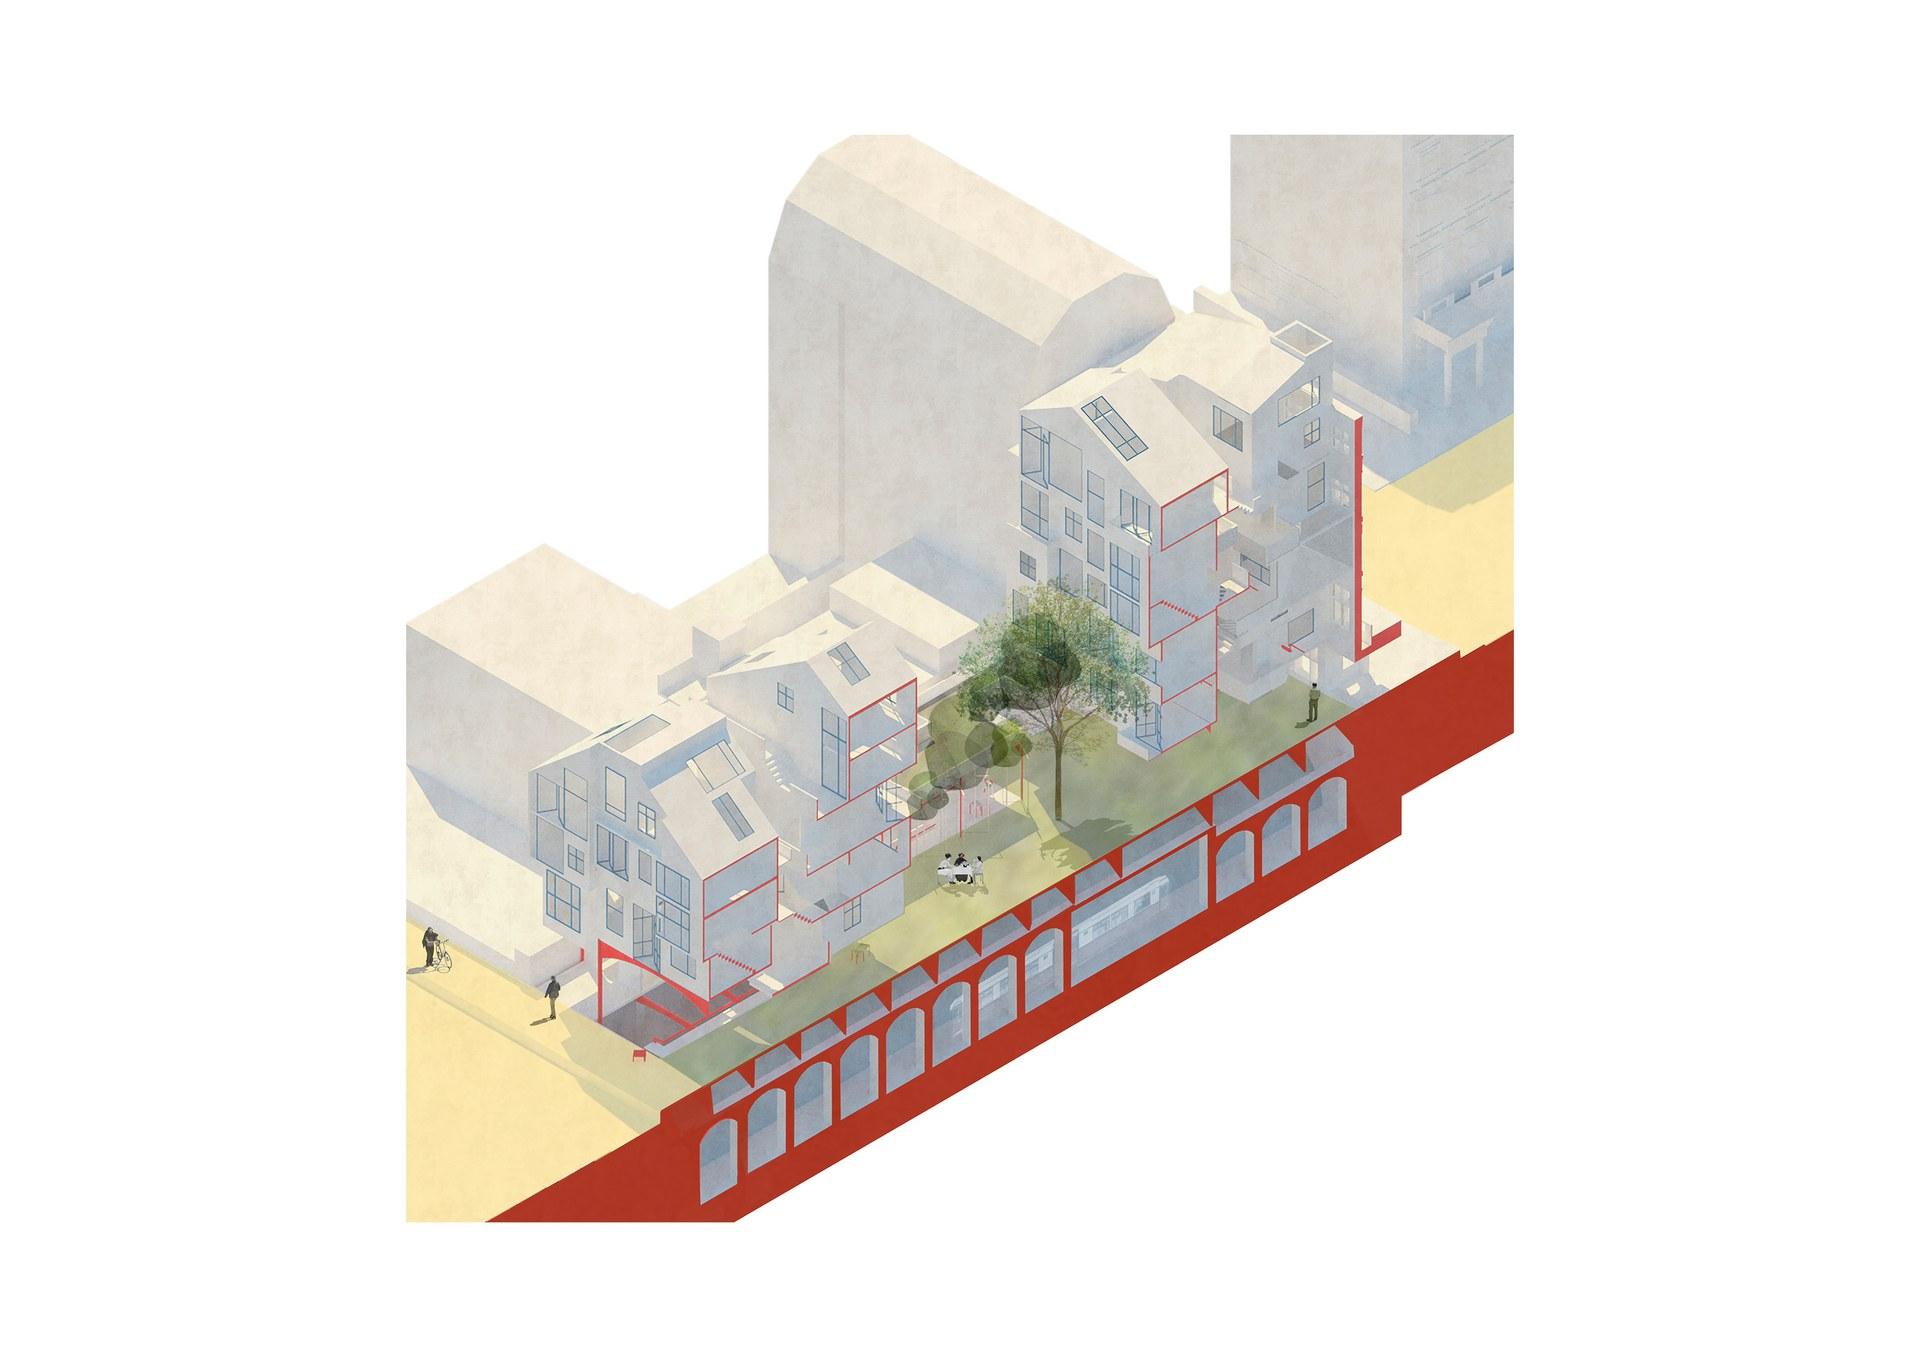 Overall design scheme